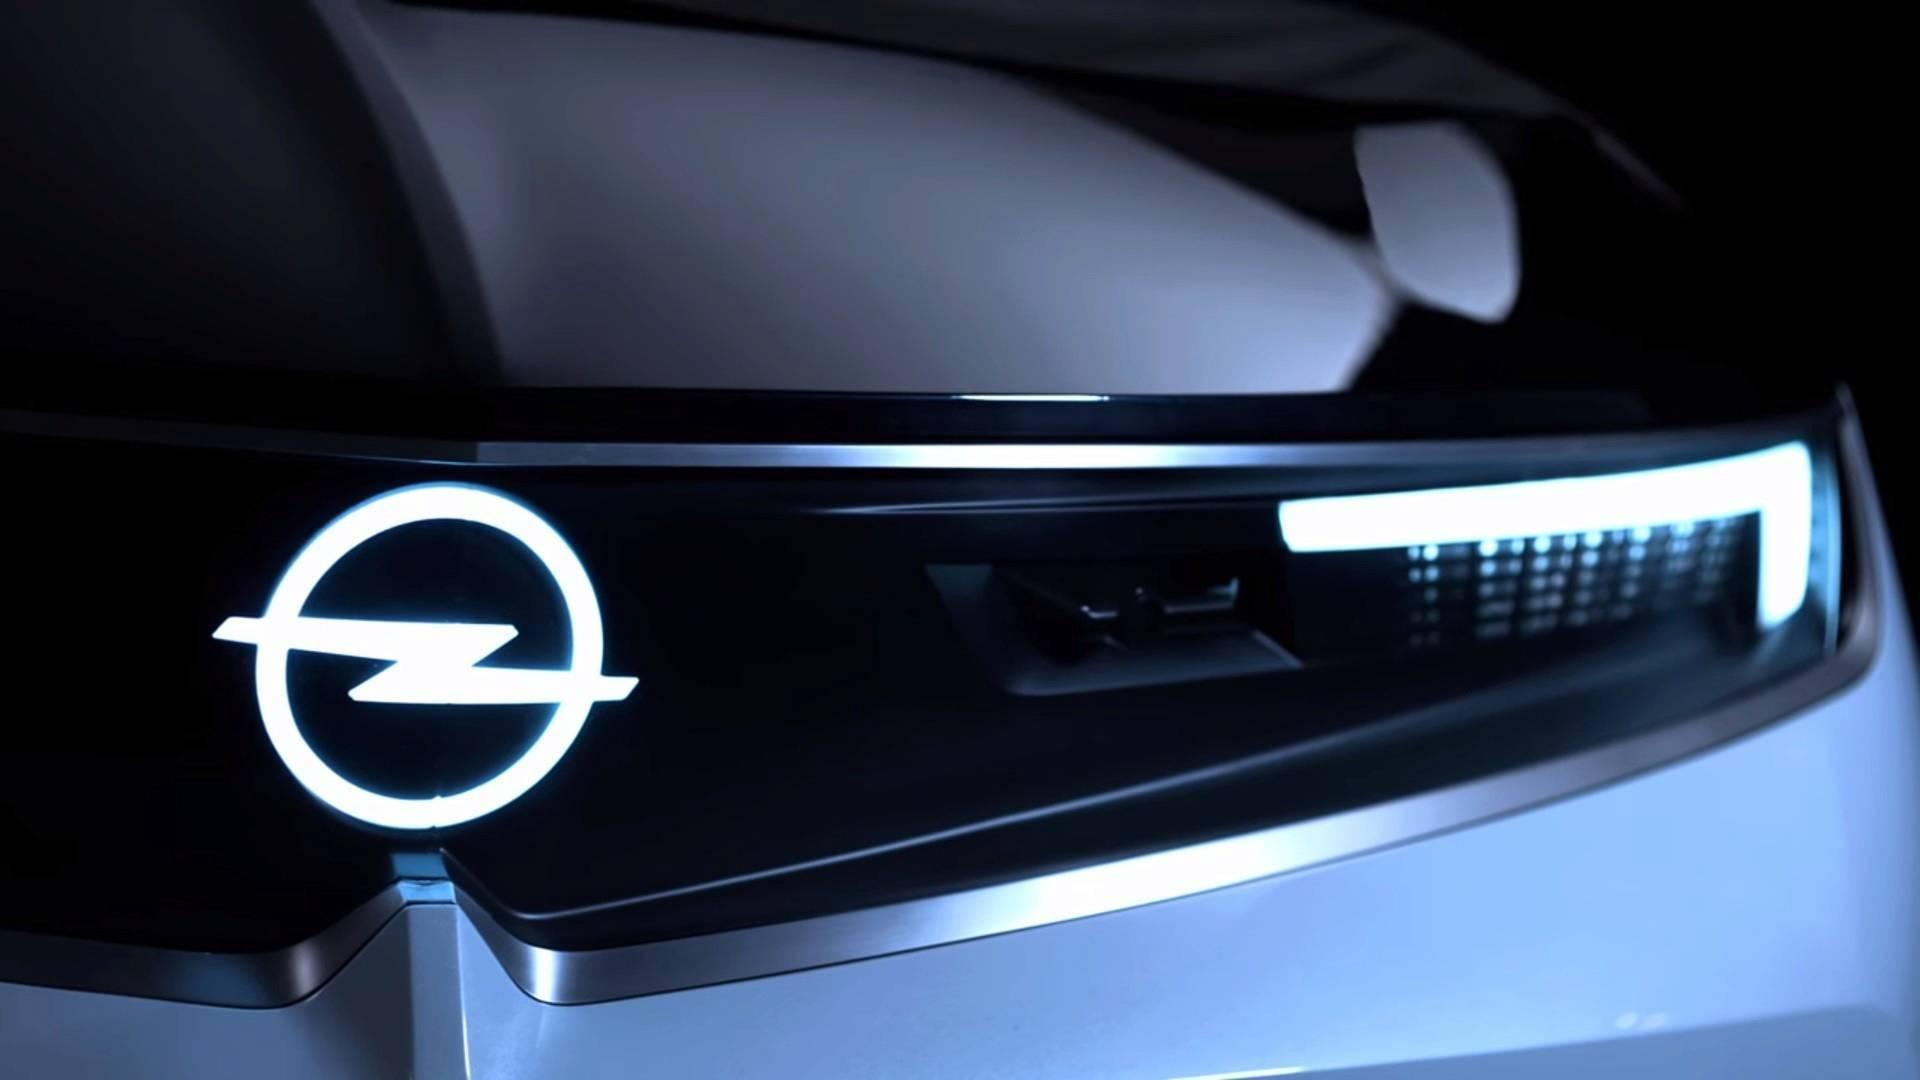 可以替代2系的旅行车,欧宝盈利后的大动作,将更换高级引擎